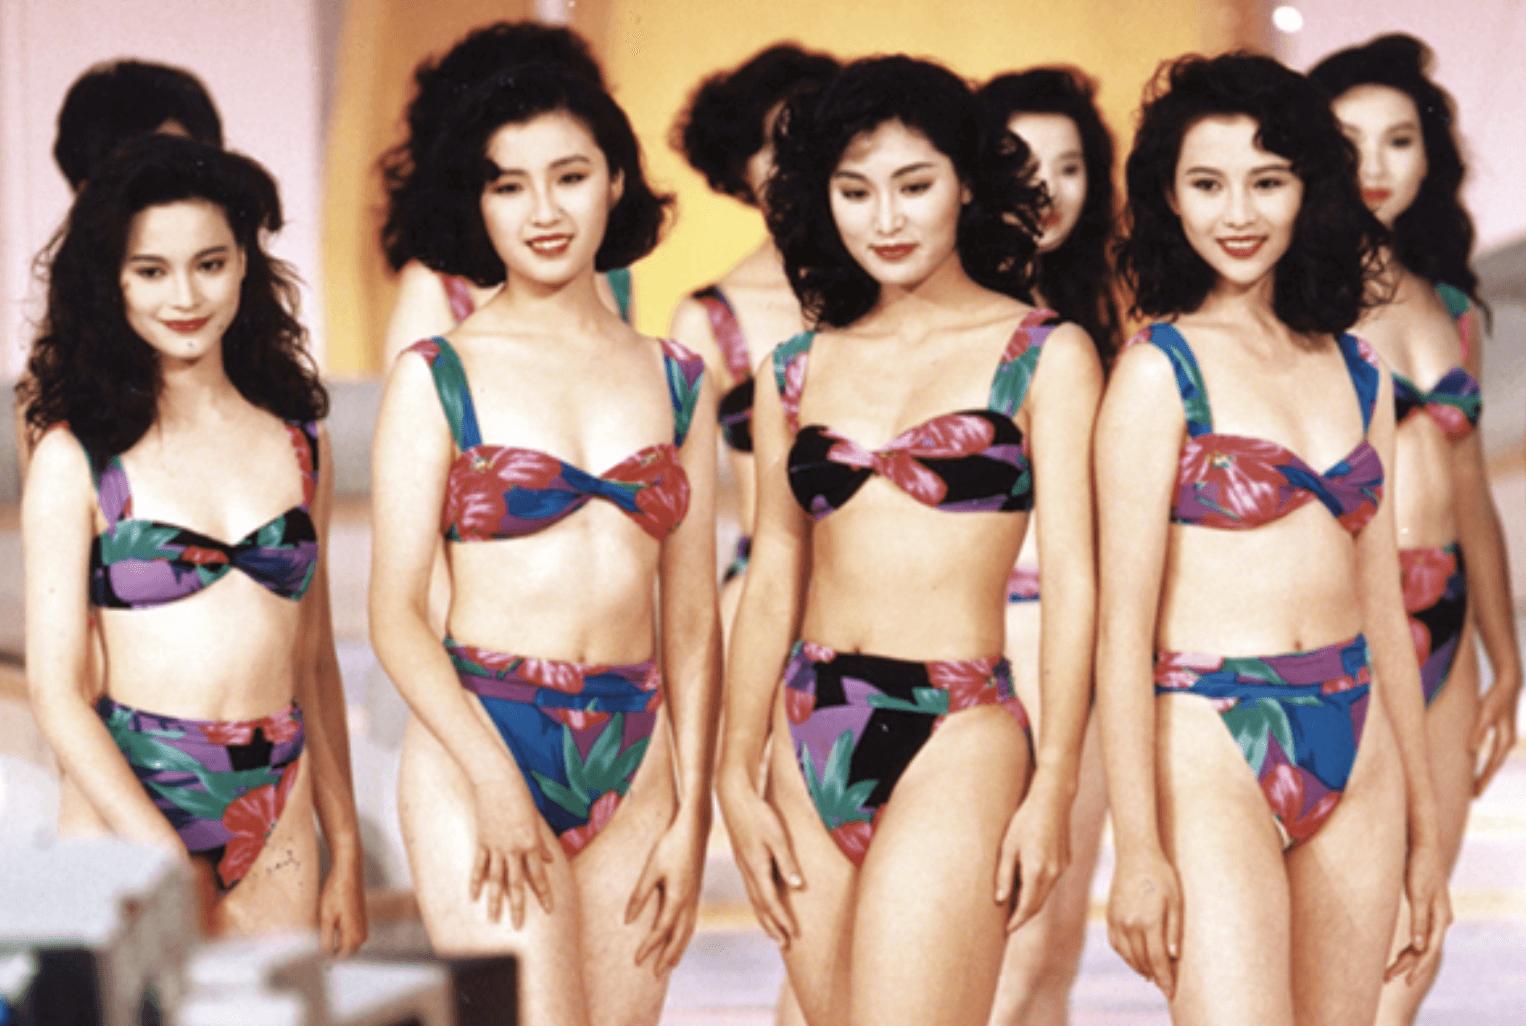 九一年港姐,(左起)最上鏡小姐樊奕敏、何婉盈、亞軍周嘉玲、季軍蔡少芬。